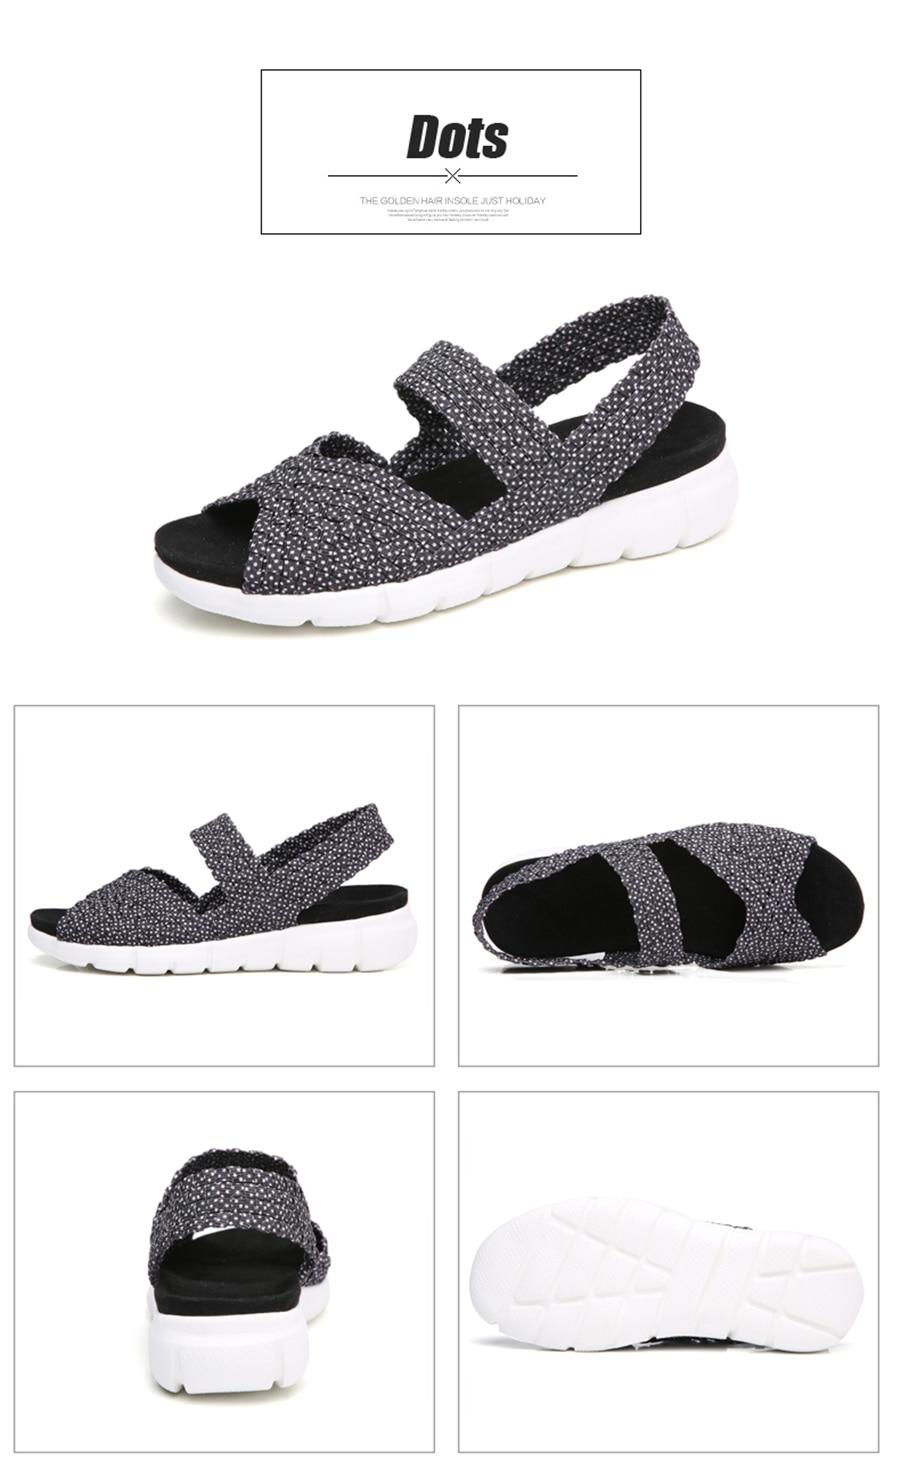 HTB1rKVluZyYBuNkSnfoq6AWgVXa6 STQ 2019 women flat sandals shoes women woven wedge sandals ladies beach summer slingback sandals flipflops jelly shoes 803